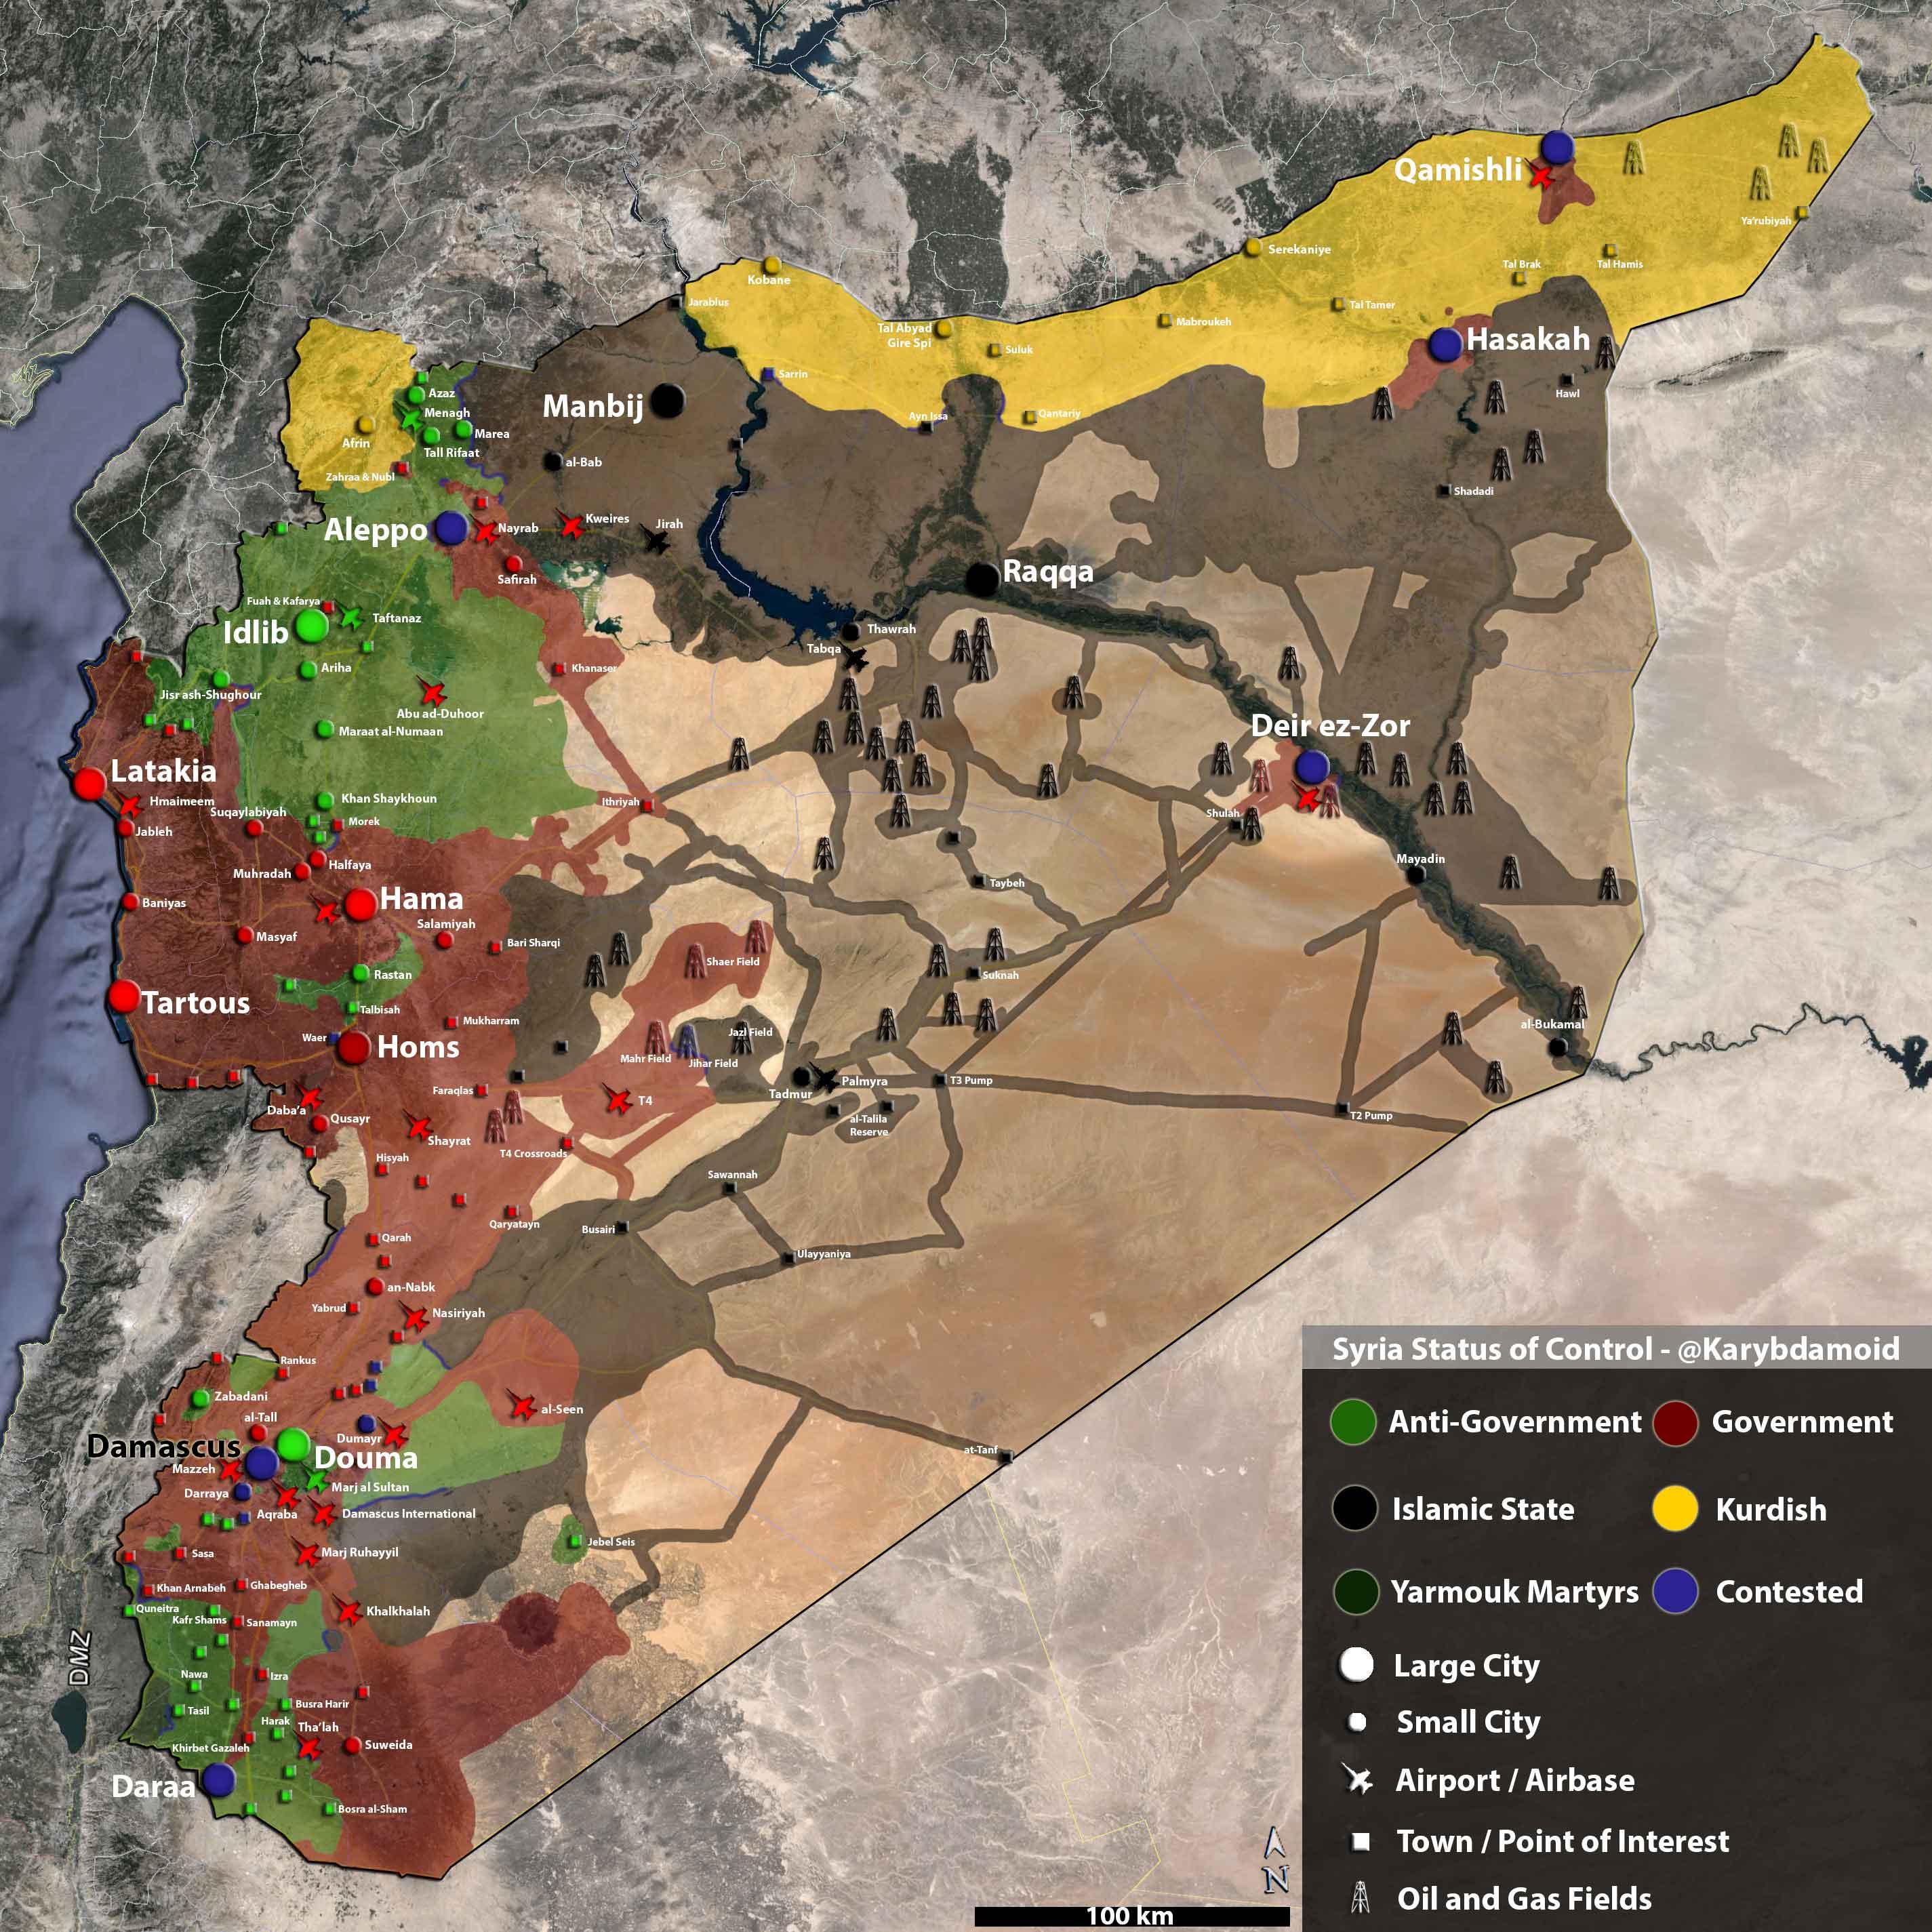 Карта расположения сторон в Сирии. Кому принадлежит нефти Сирии?